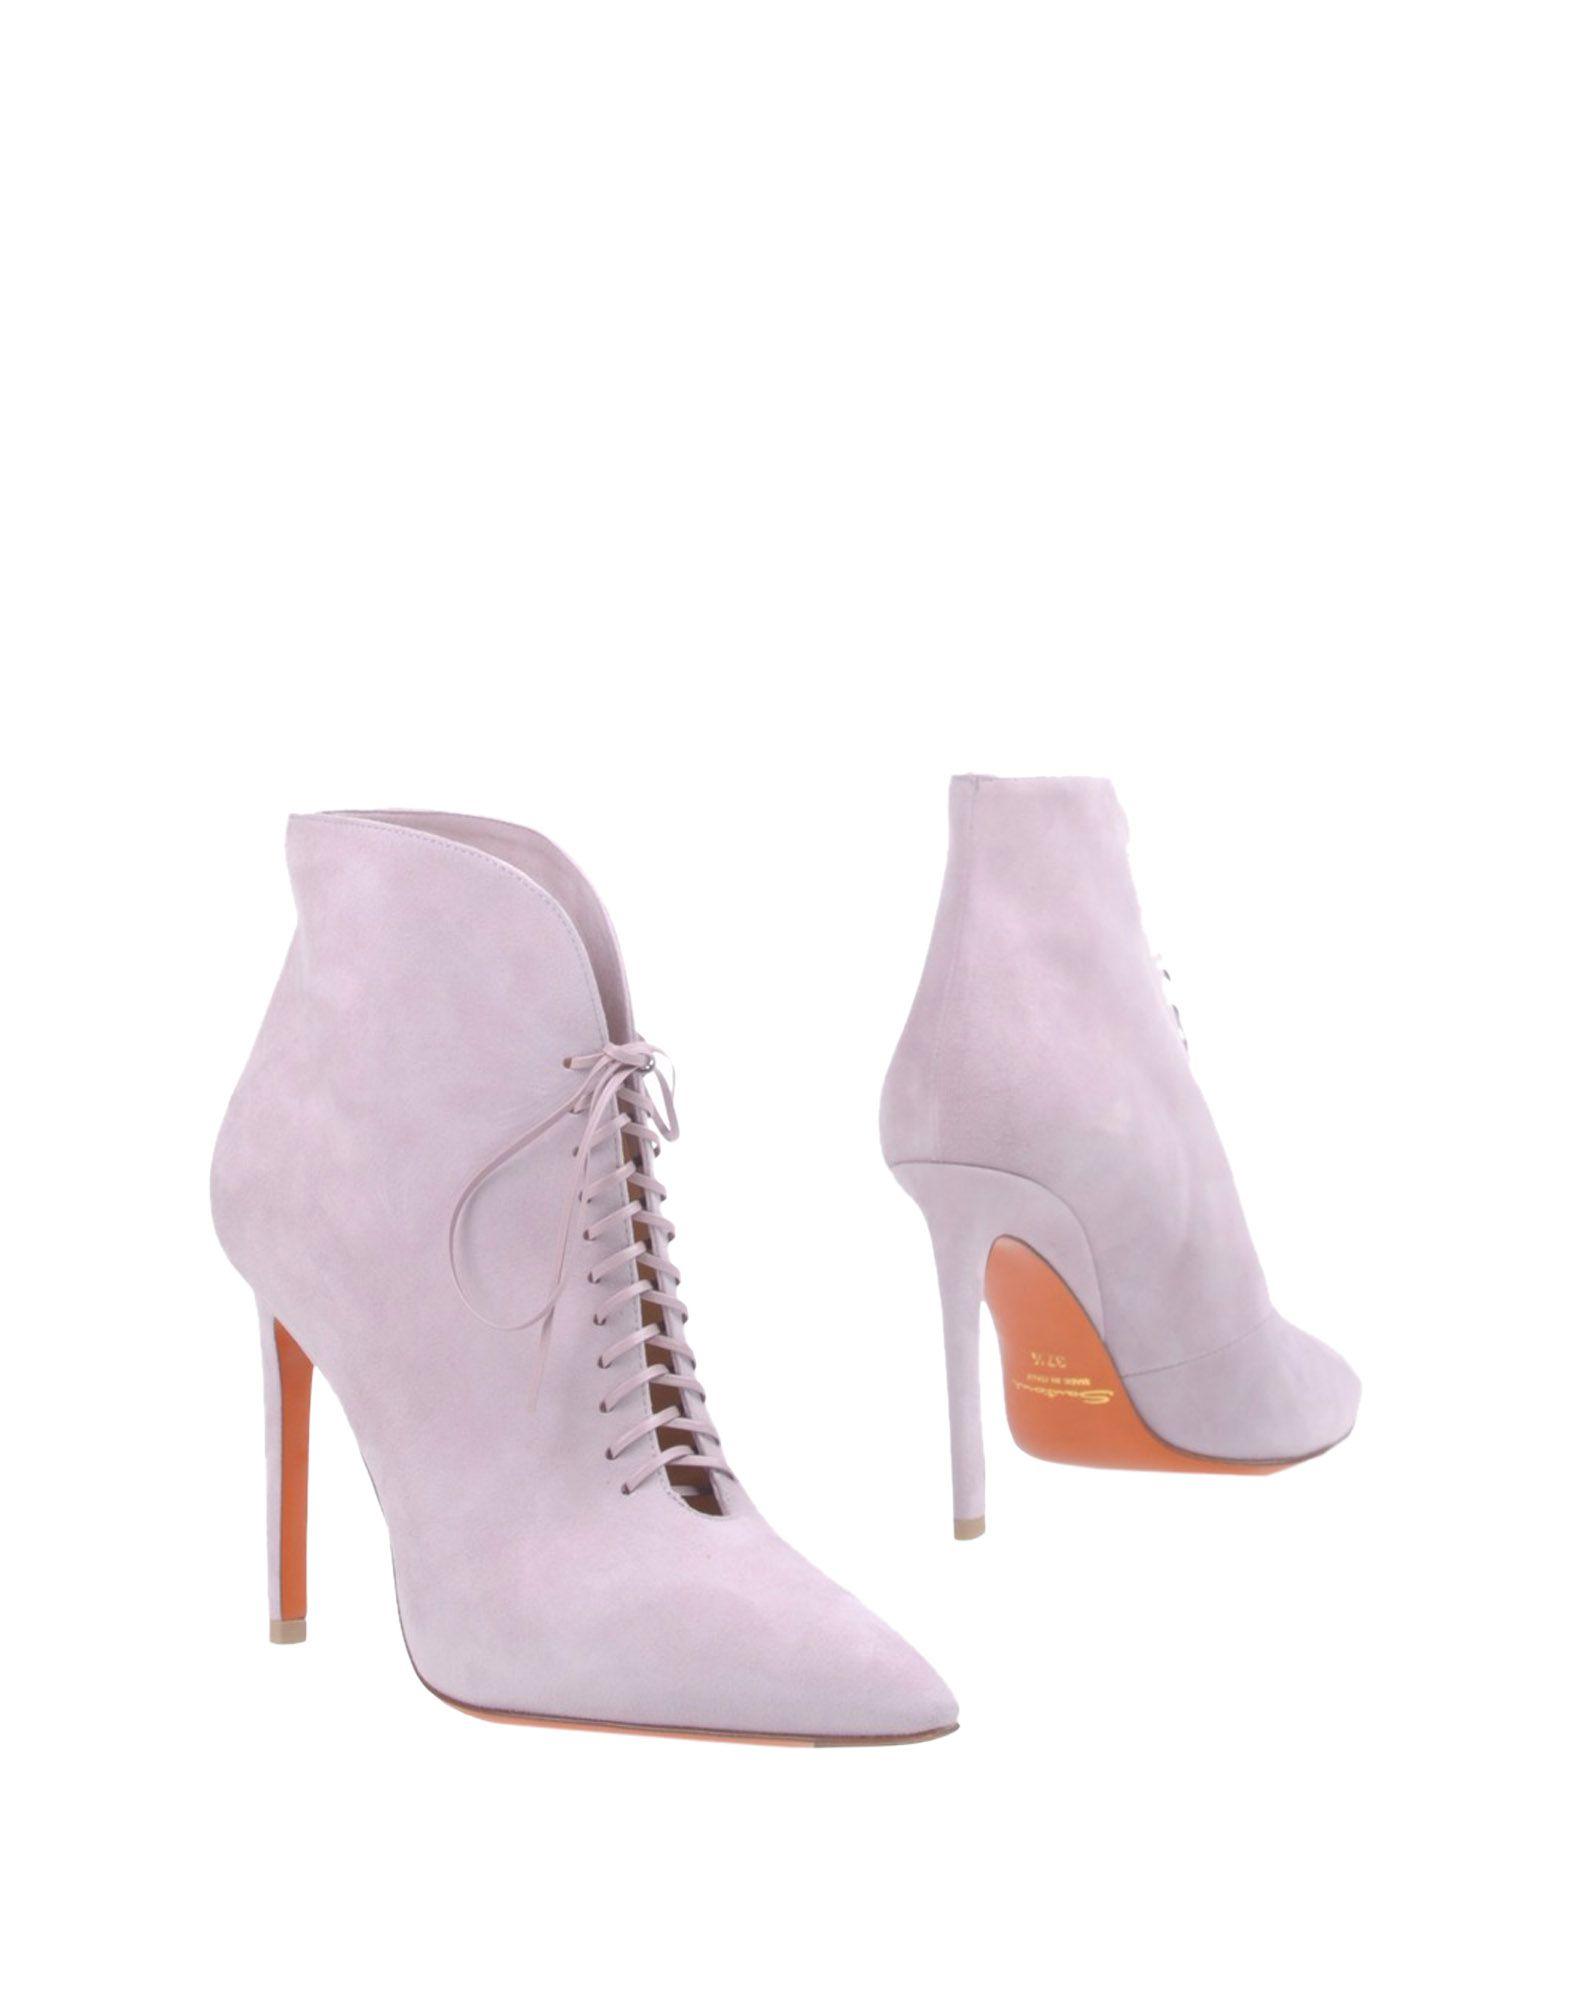 Bottine Santoni Femme - Bottines Santoni Mauve Les chaussures les plus populaires pour les hommes et les femmes